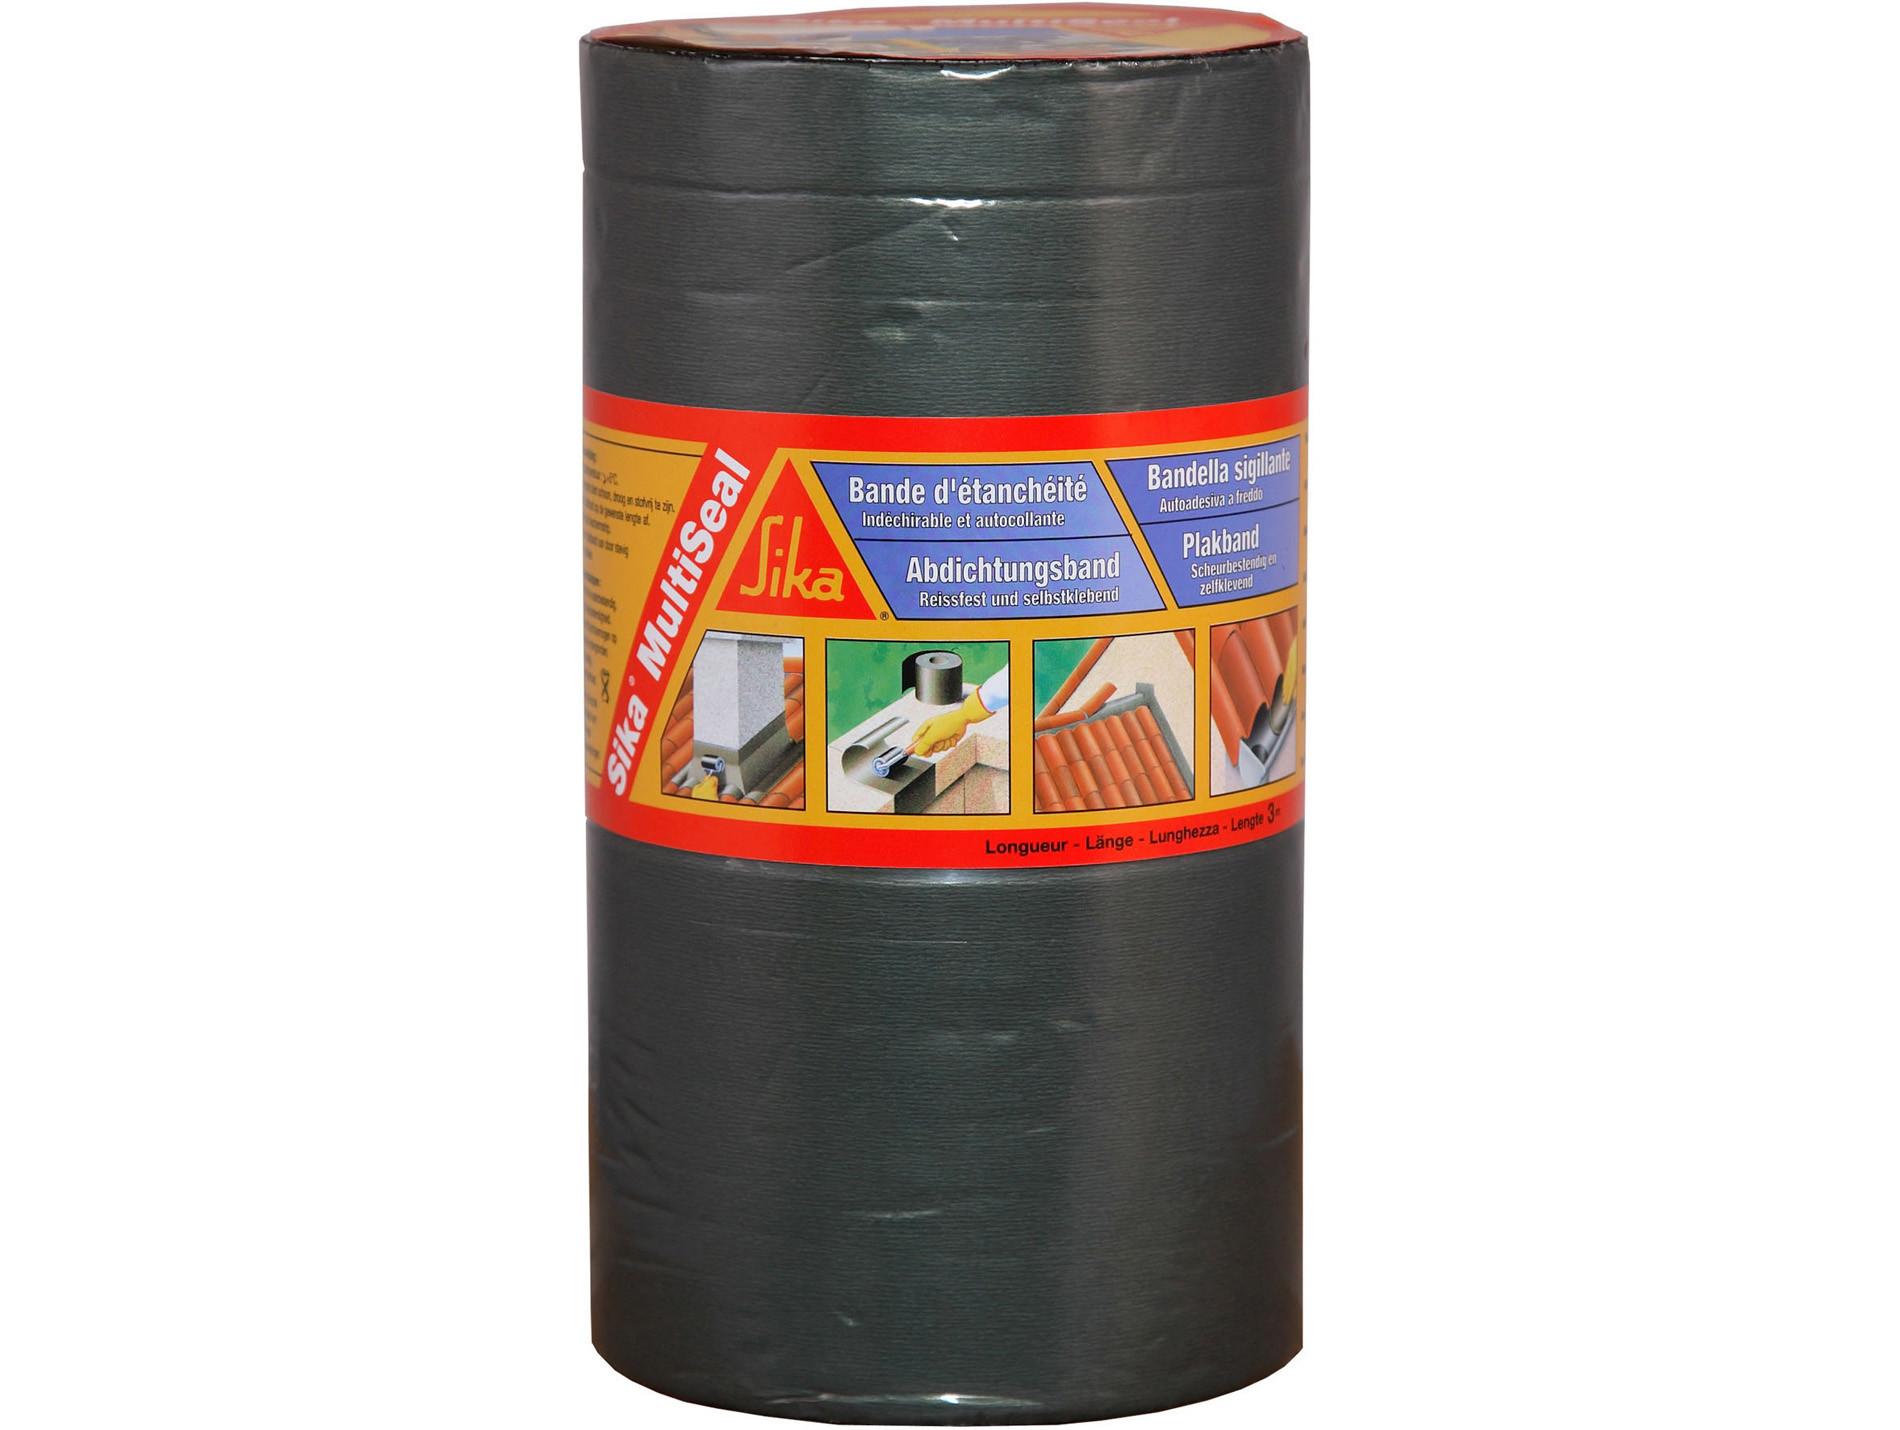 Bande d'étanchéité SIKA Multiseal 3mx100mm Gris